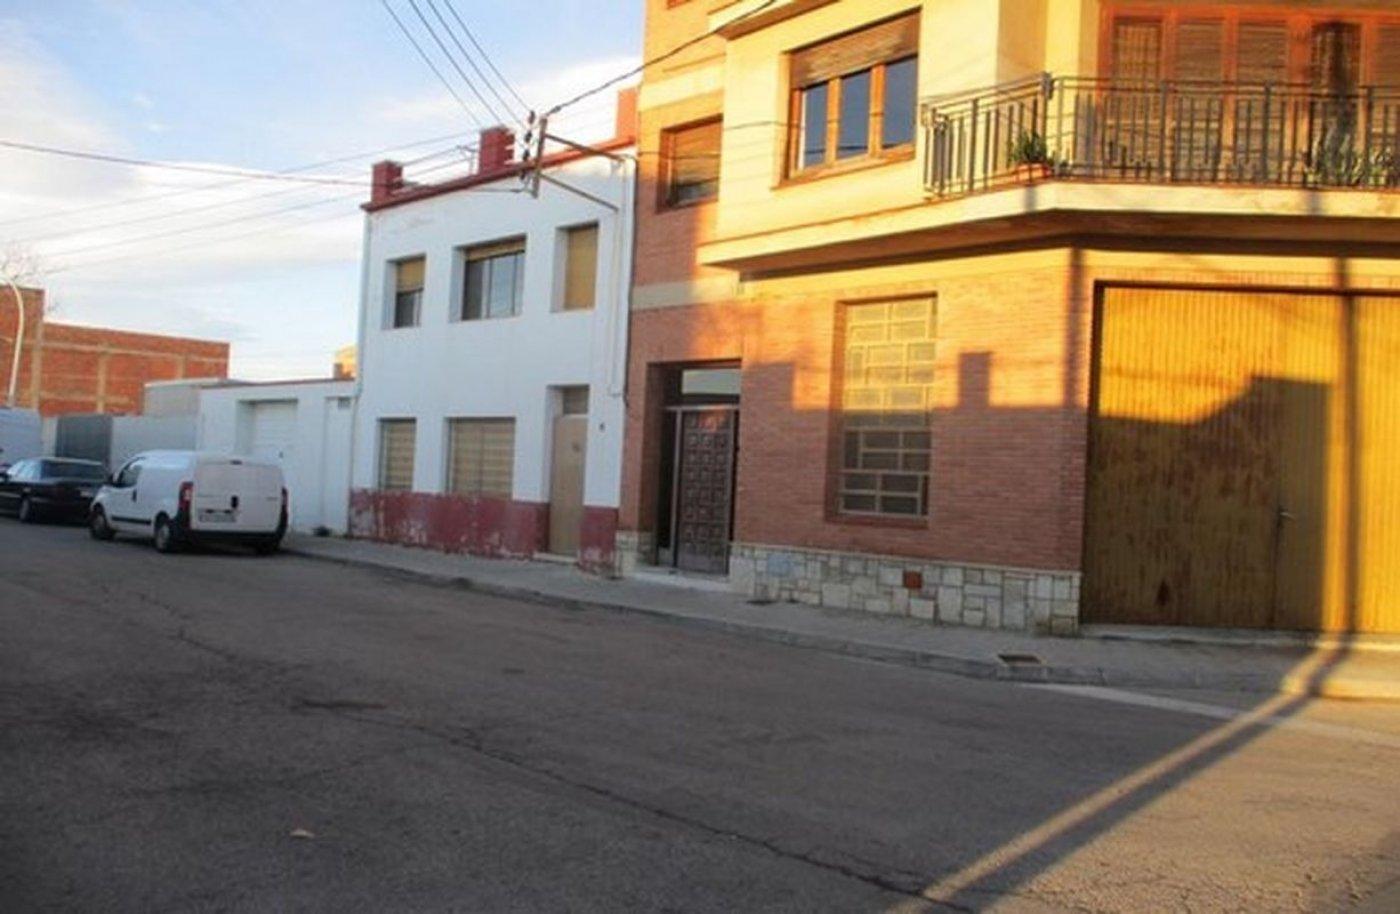 House for sale in Centro, La Senia